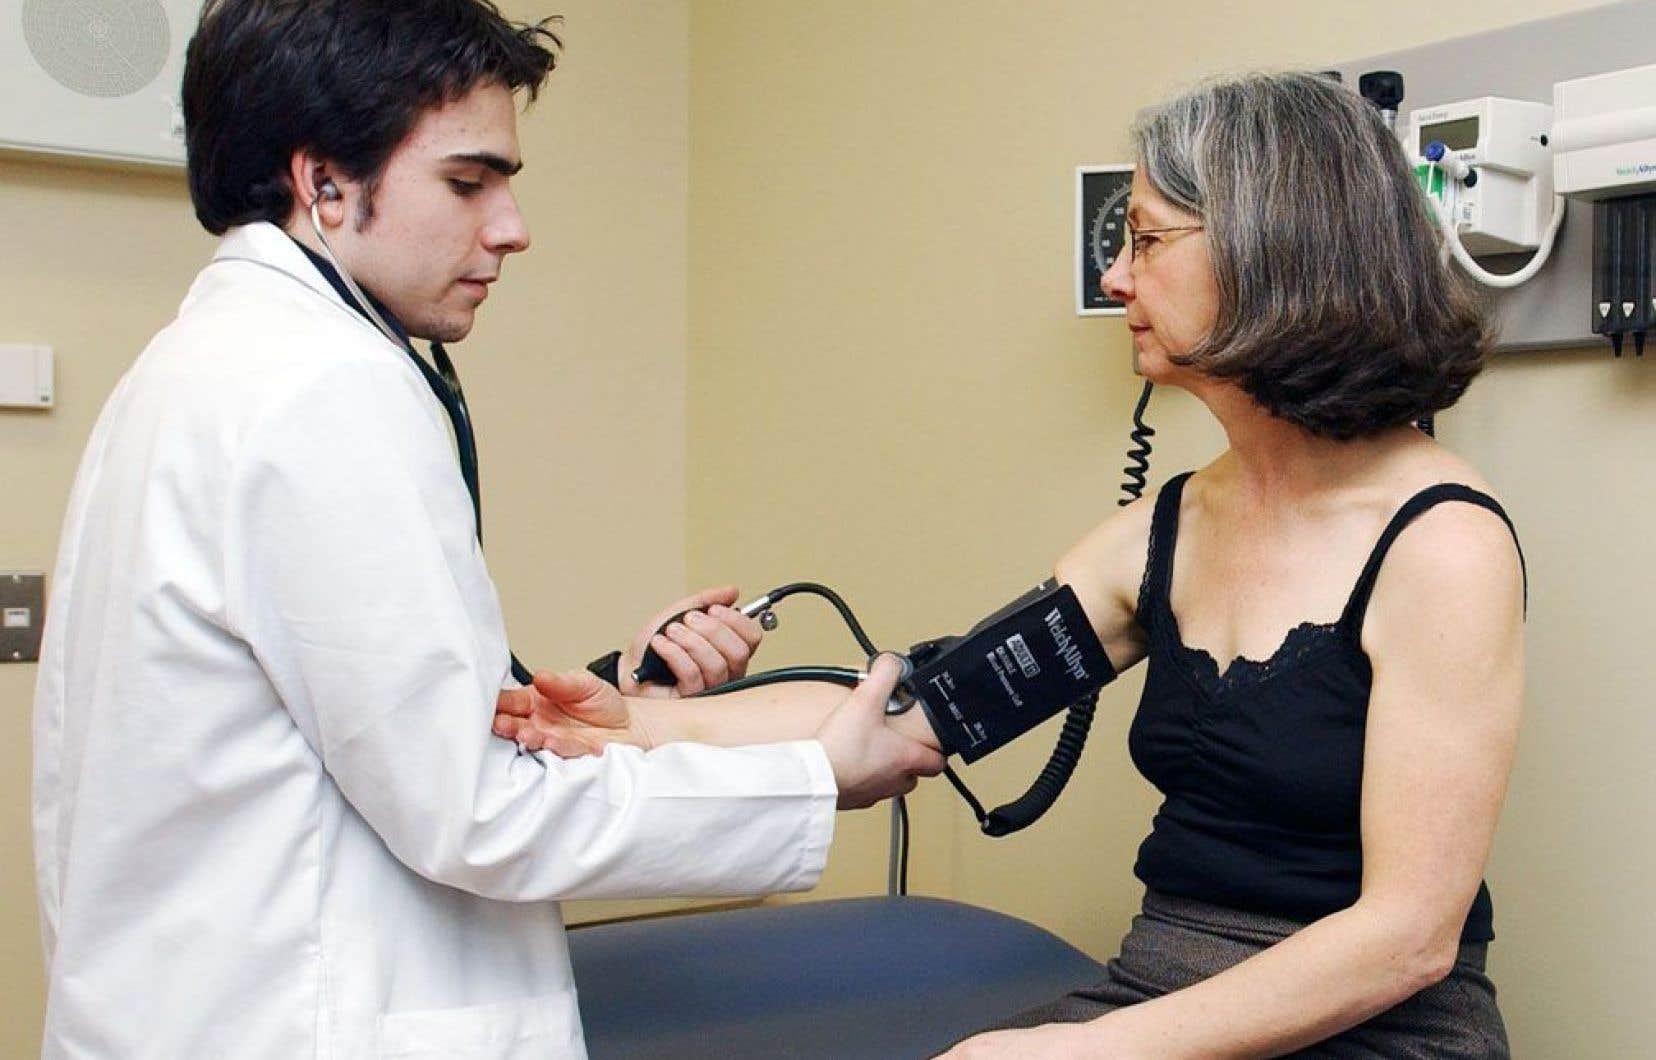 La Stratégie de recherche axée sur le patient (SRAP) cherchera à stimuler la recherche en santé de façon à ce qu'elle ait des retombées encore plus directes sur les patients.